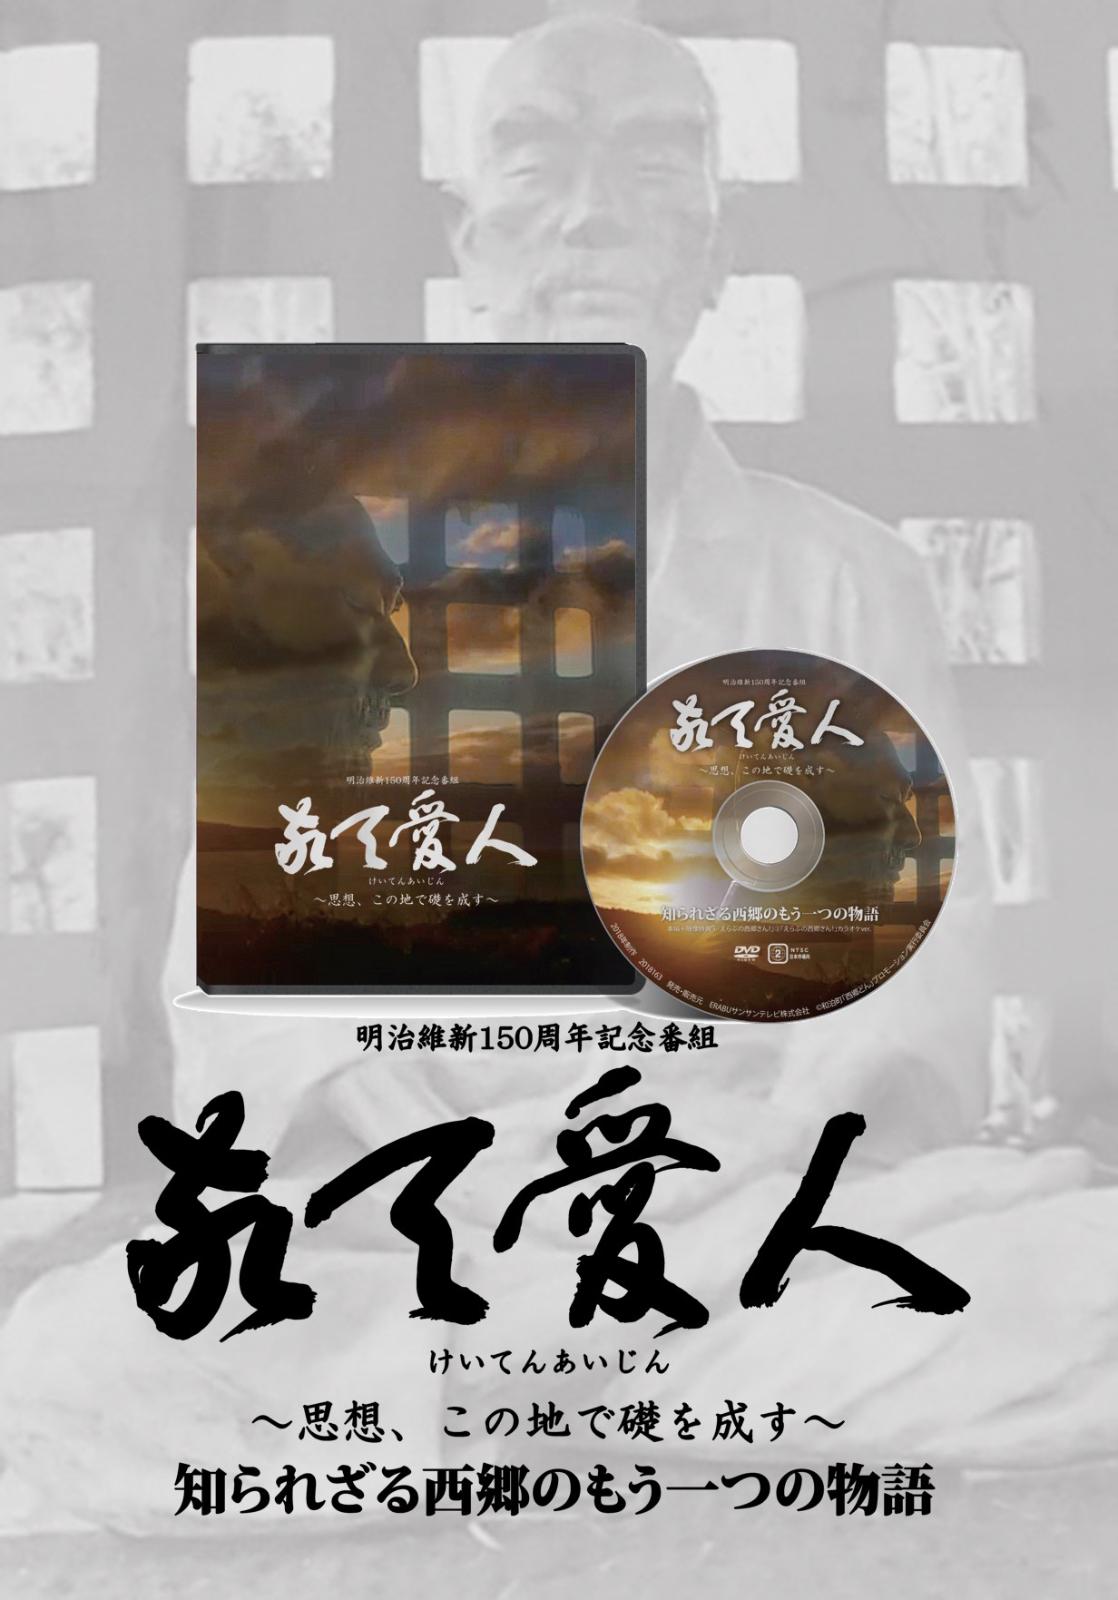 DVD:敬天愛人 〜思想、この地で礎を成す〜